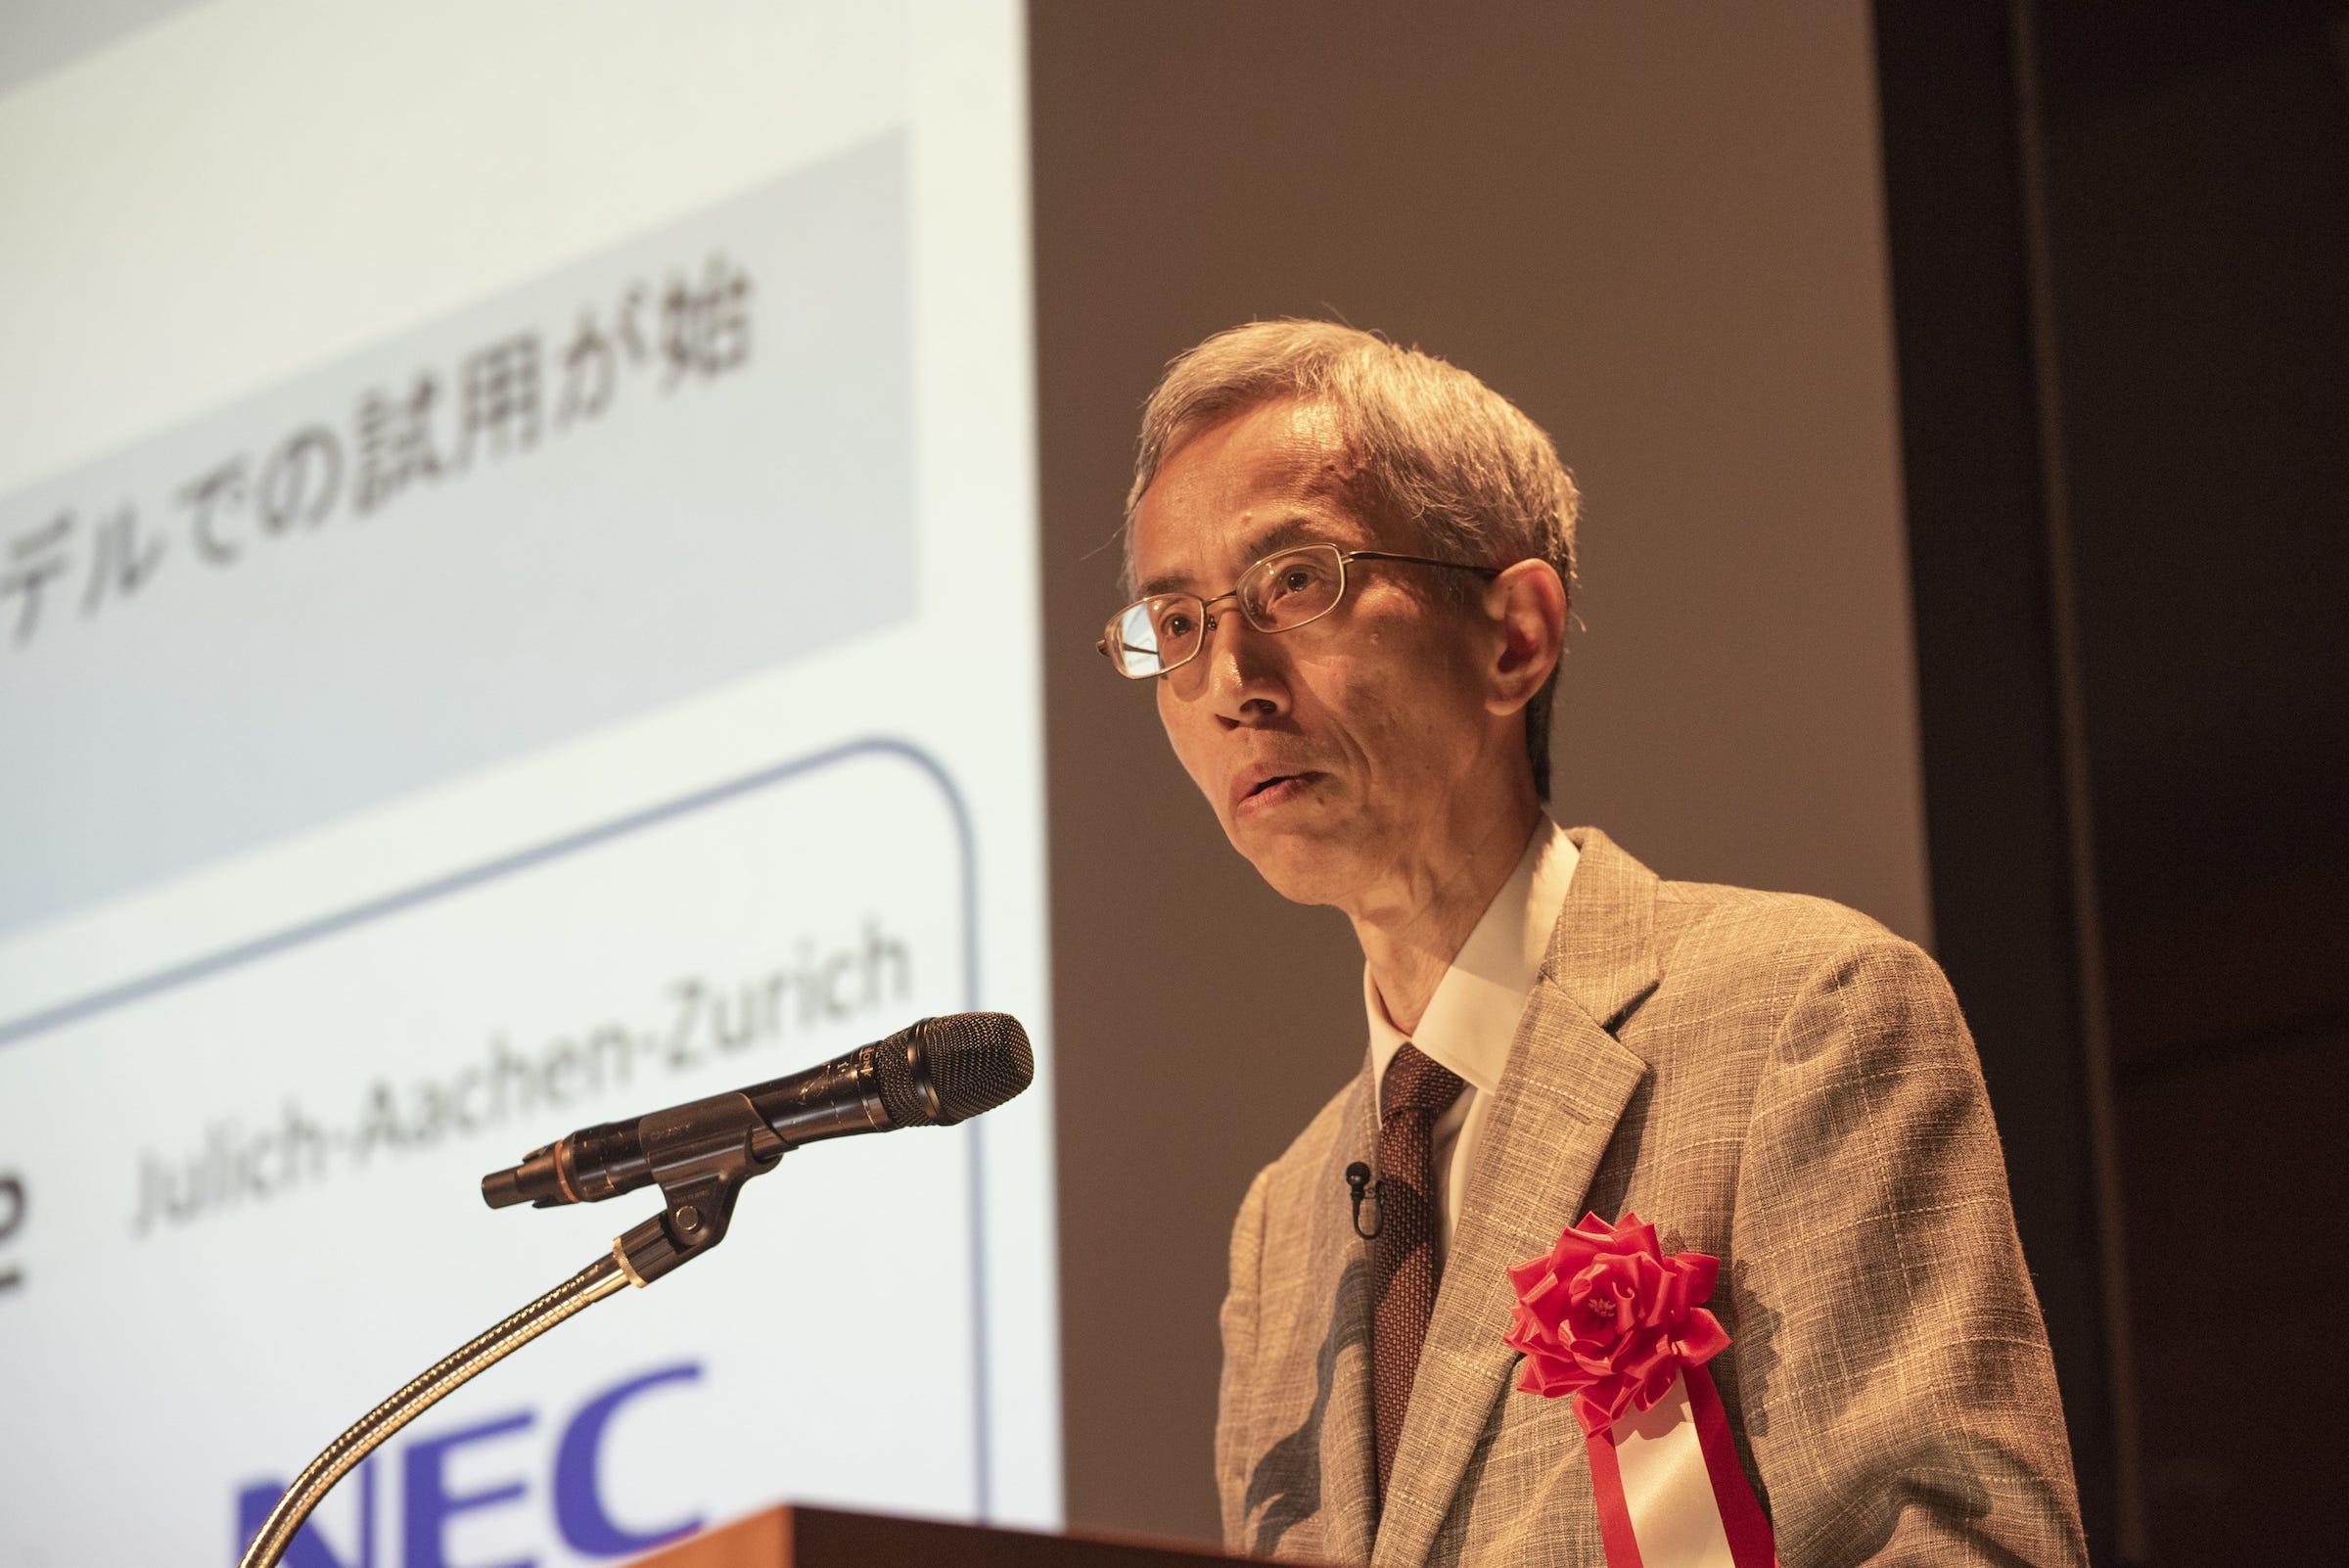 量子アニーリングの提案者である西森秀稔氏(東京工業大学 科学技術創生研究員 教授/東北大学 大学院情報科学研究科 教授)